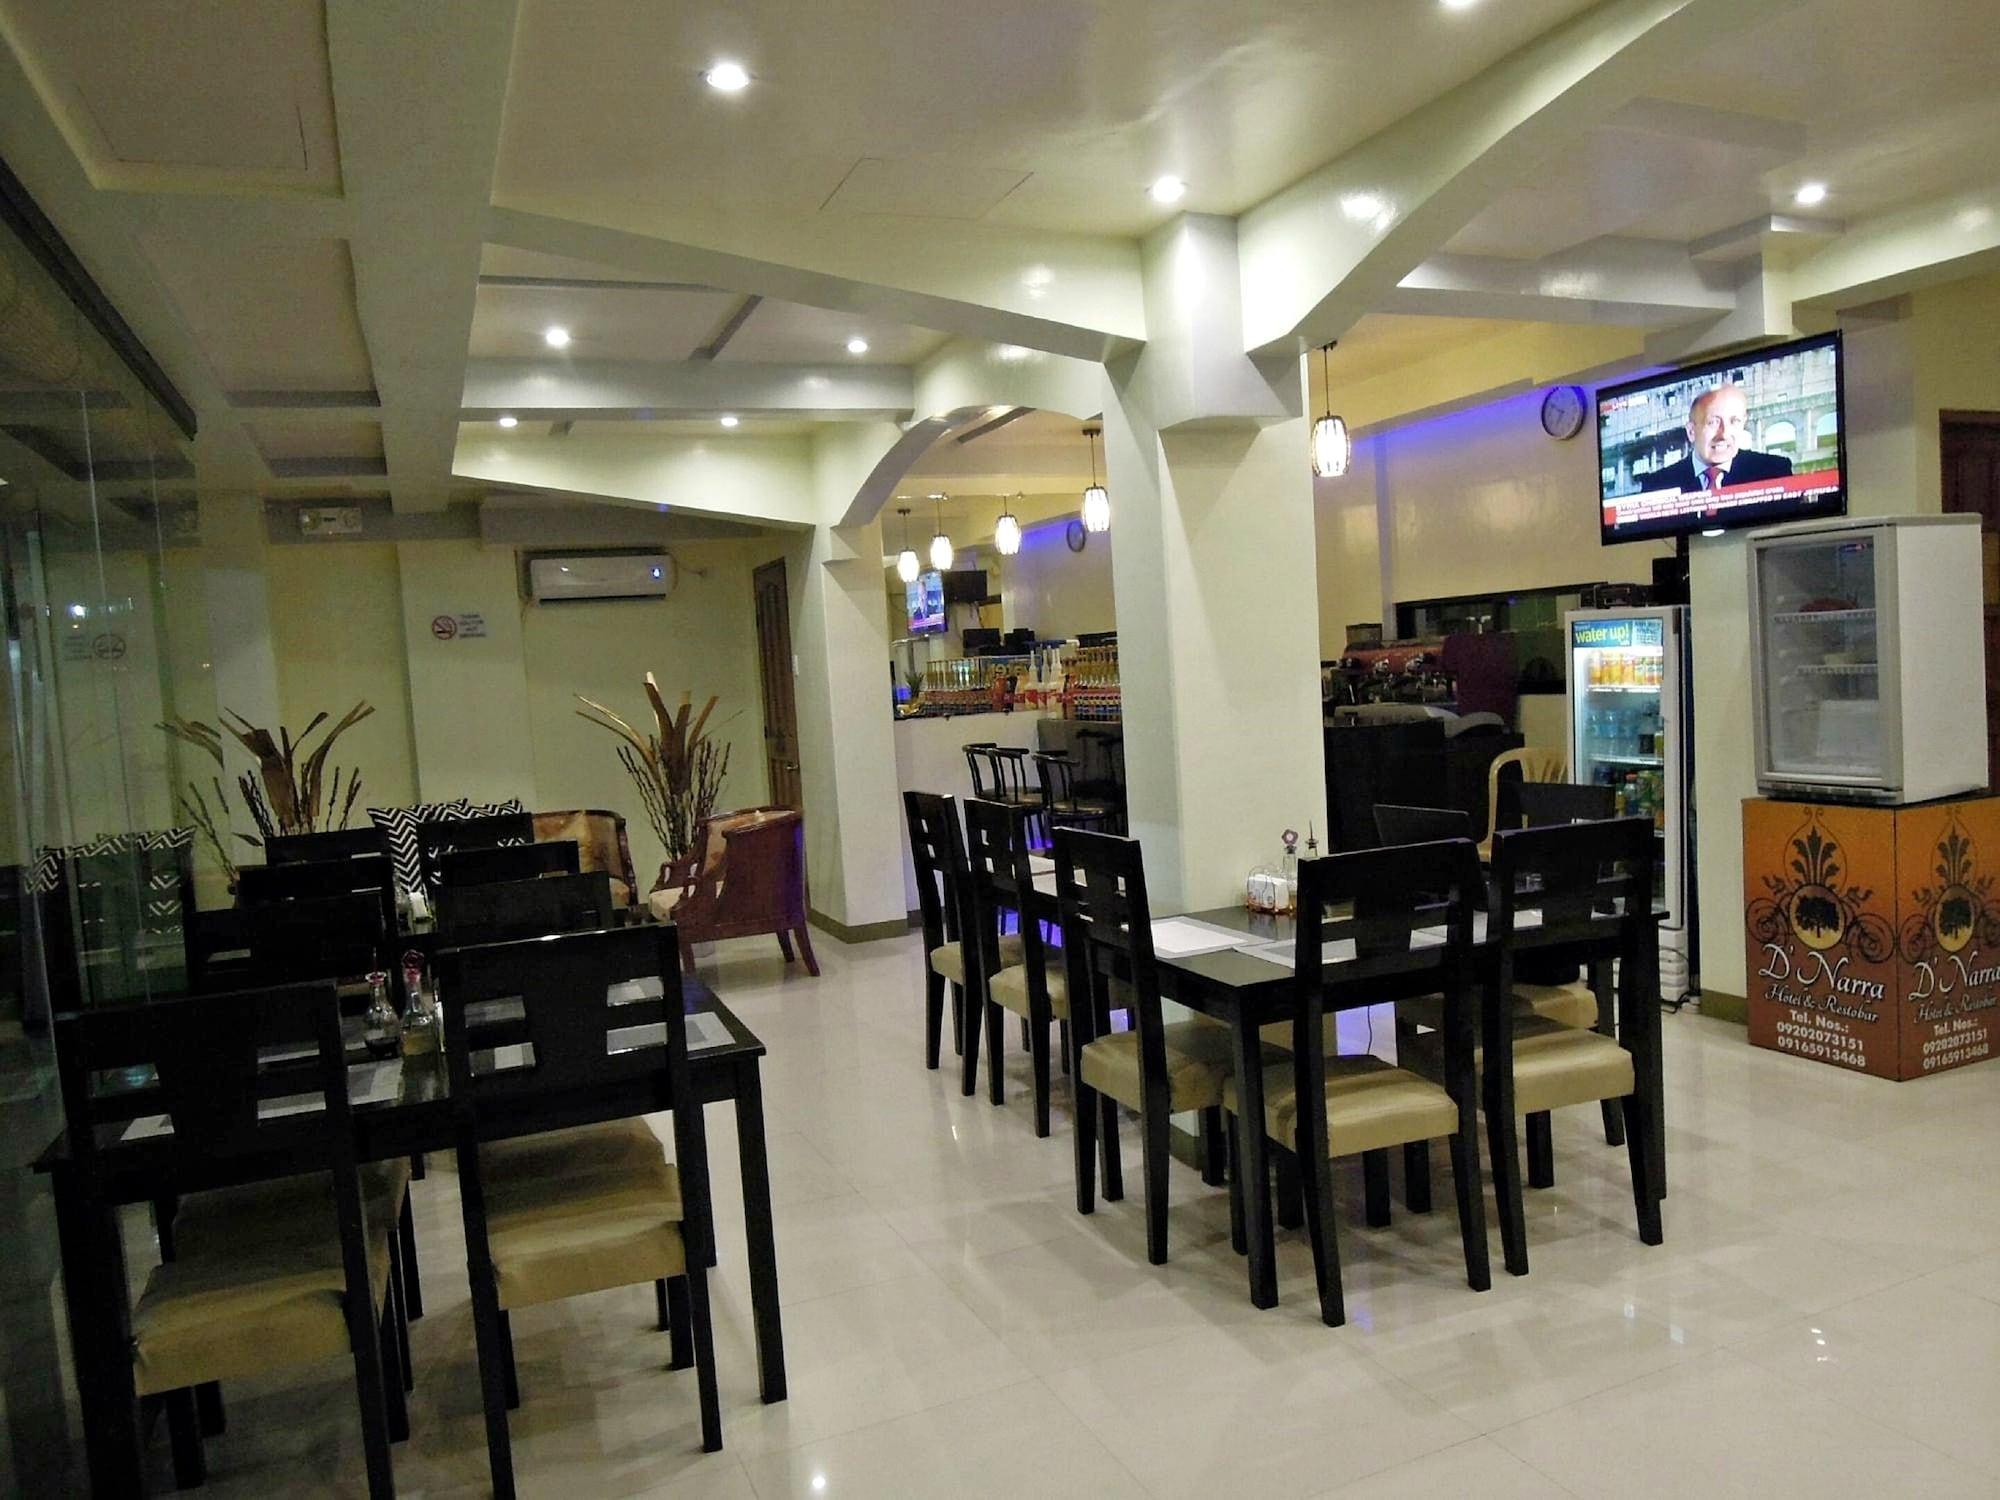 D'Narra Hotel and Restobar, Ormoc City